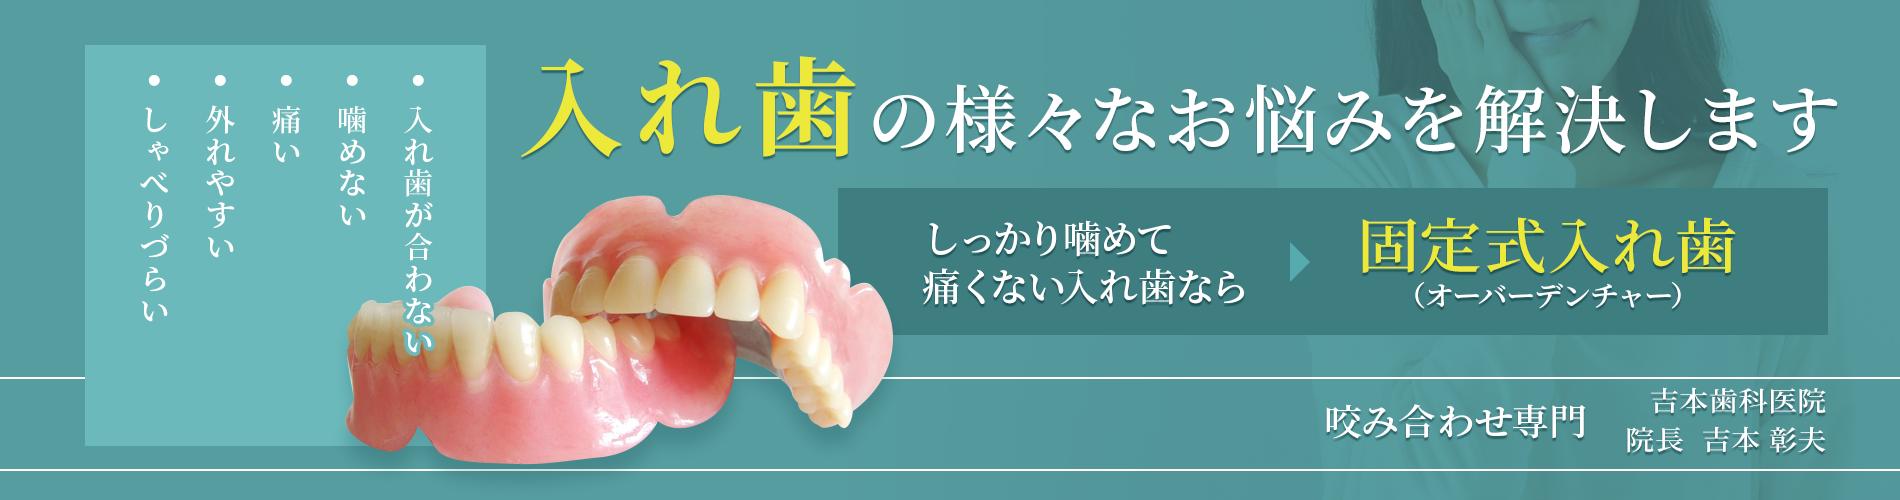 高知県で入れ歯でお悩みなら咬み合わせ専門の吉本歯科医院